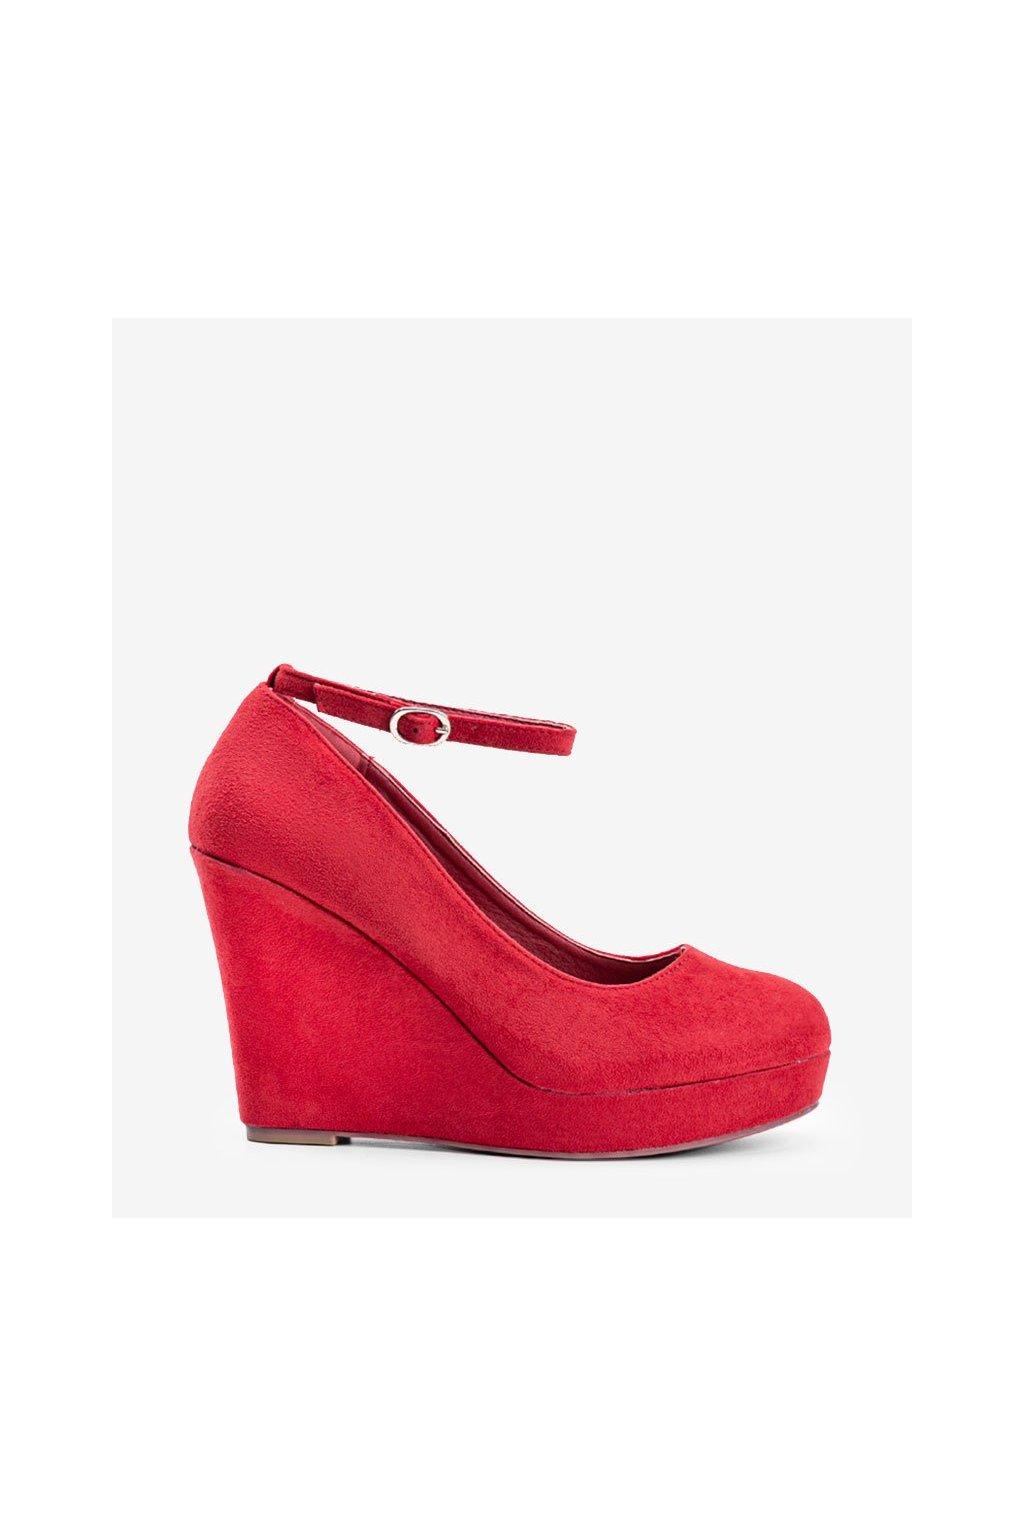 Dámske topánky lodičky červené kód LEI-109 - GM